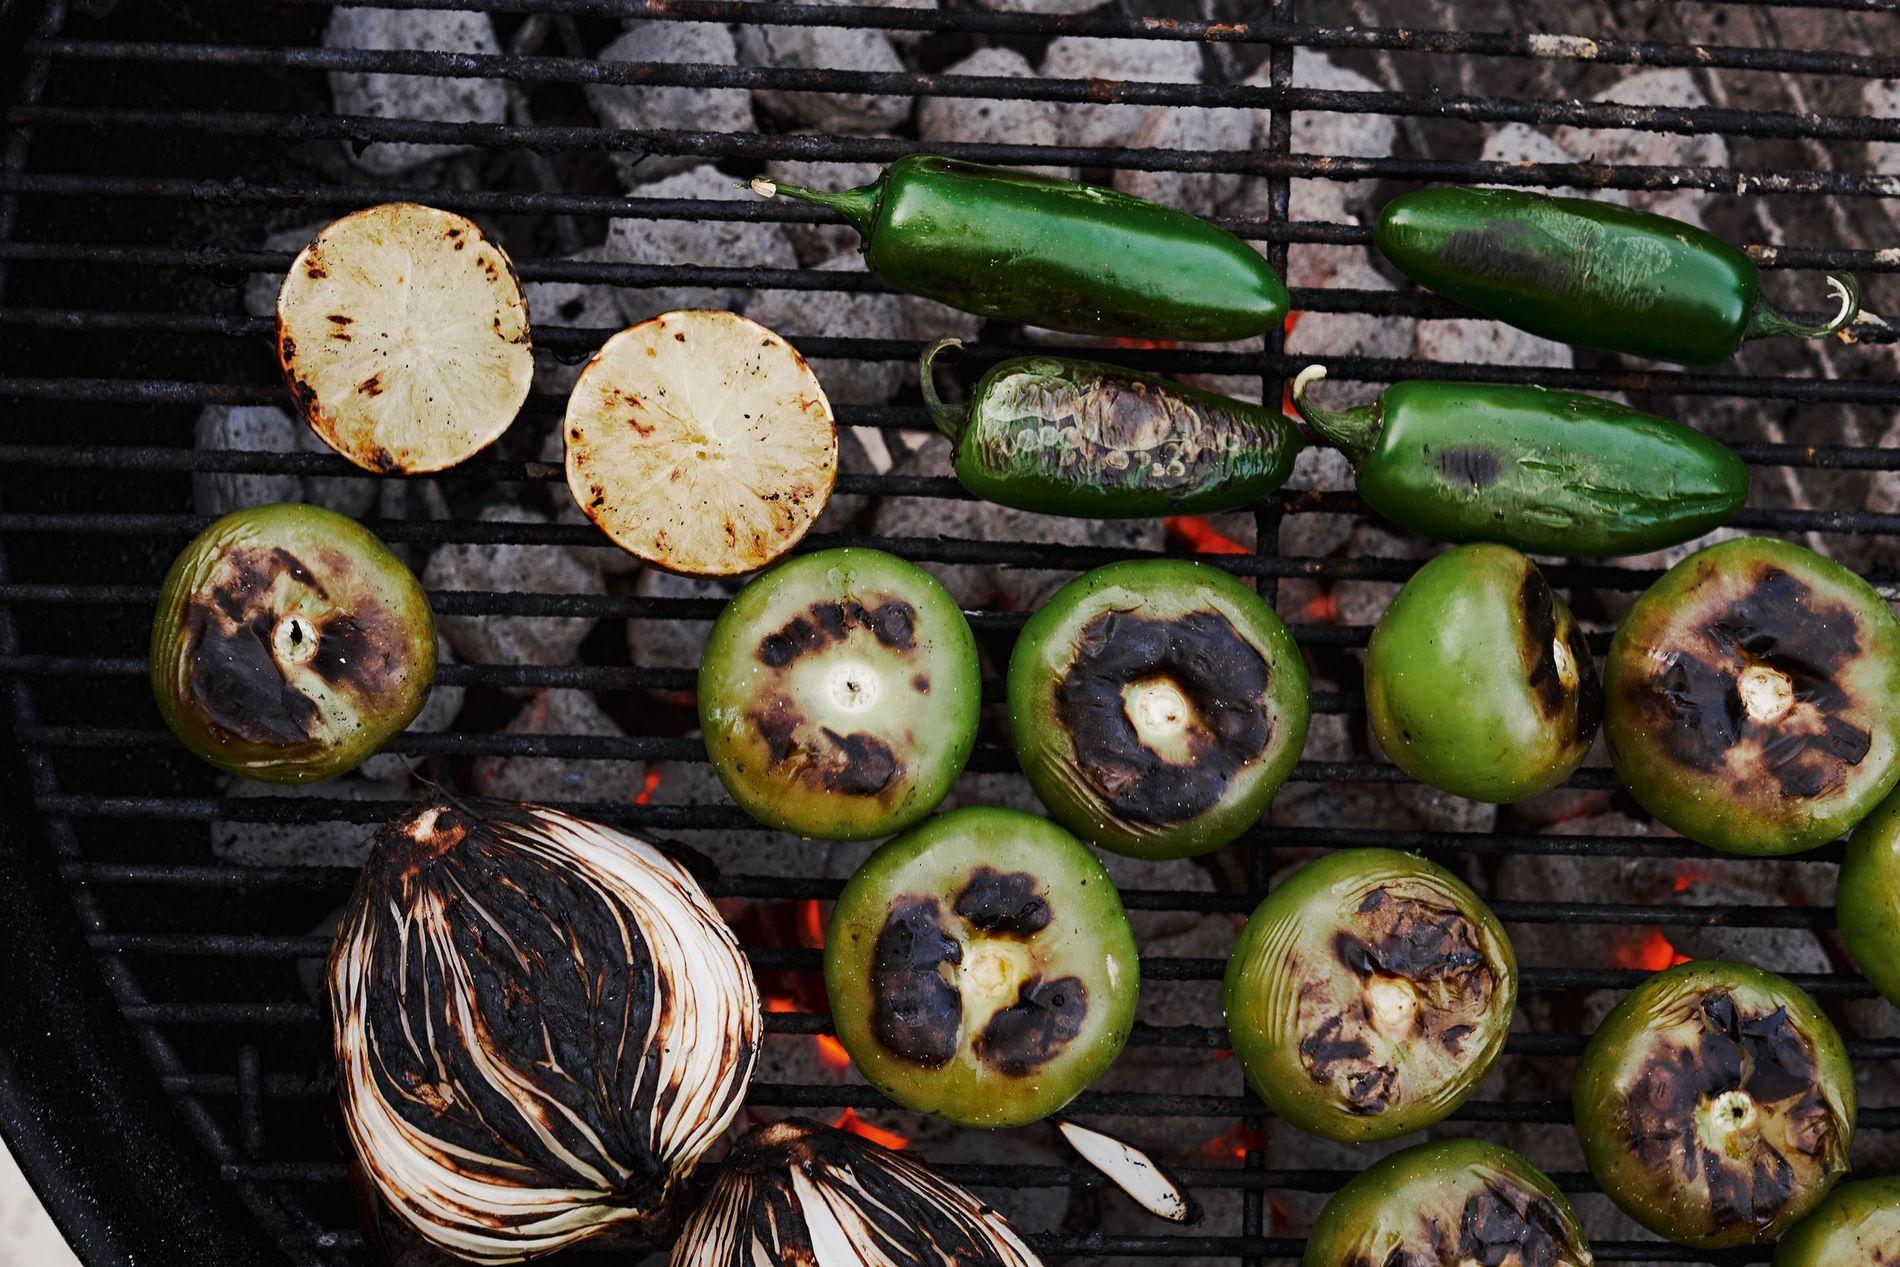 Grilling vegetables.